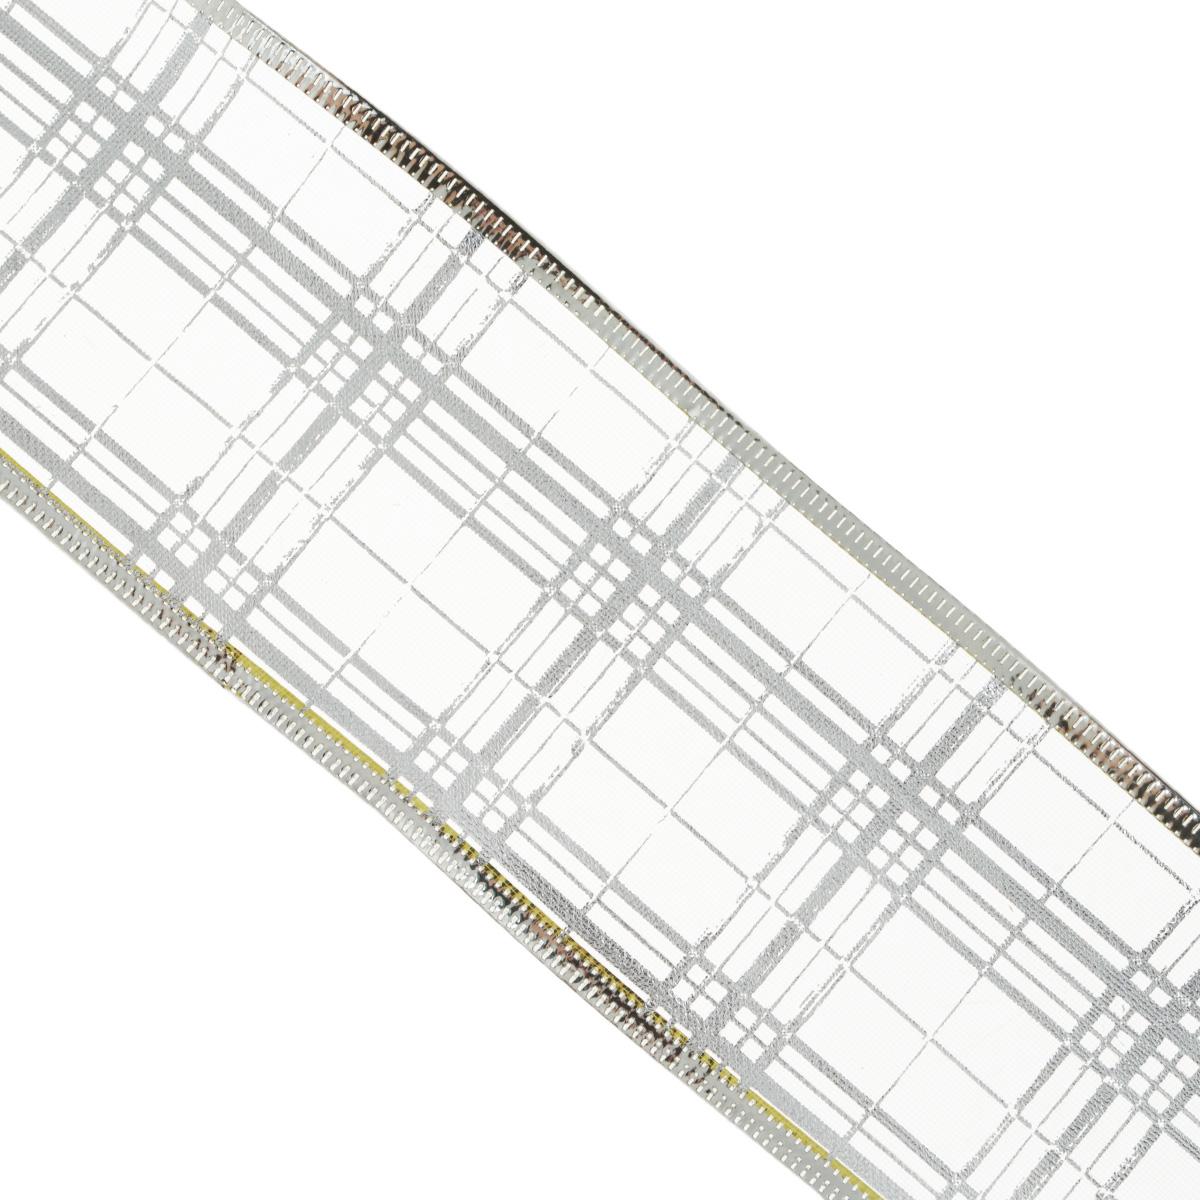 Декоративная лента Феникс-презент, цвет: сиреневый, 2,7 м. 3540935382Декоративная лента Феникс-презент выполнена из полиэстера и декорирована принтом в клетку. В края ленты вставлена проволока, благодаря чему ее легко фиксировать. Лента предназначена для оформления подарочных коробок, пакетов. Кроме того, декоративная лента с успехом применяется для художественного оформления витрин, праздничного оформления помещений, изготовления искусственных цветов. Декоративная лента украсит интерьер вашего дома к любым праздникам. Ширина ленты: 6,3 см.